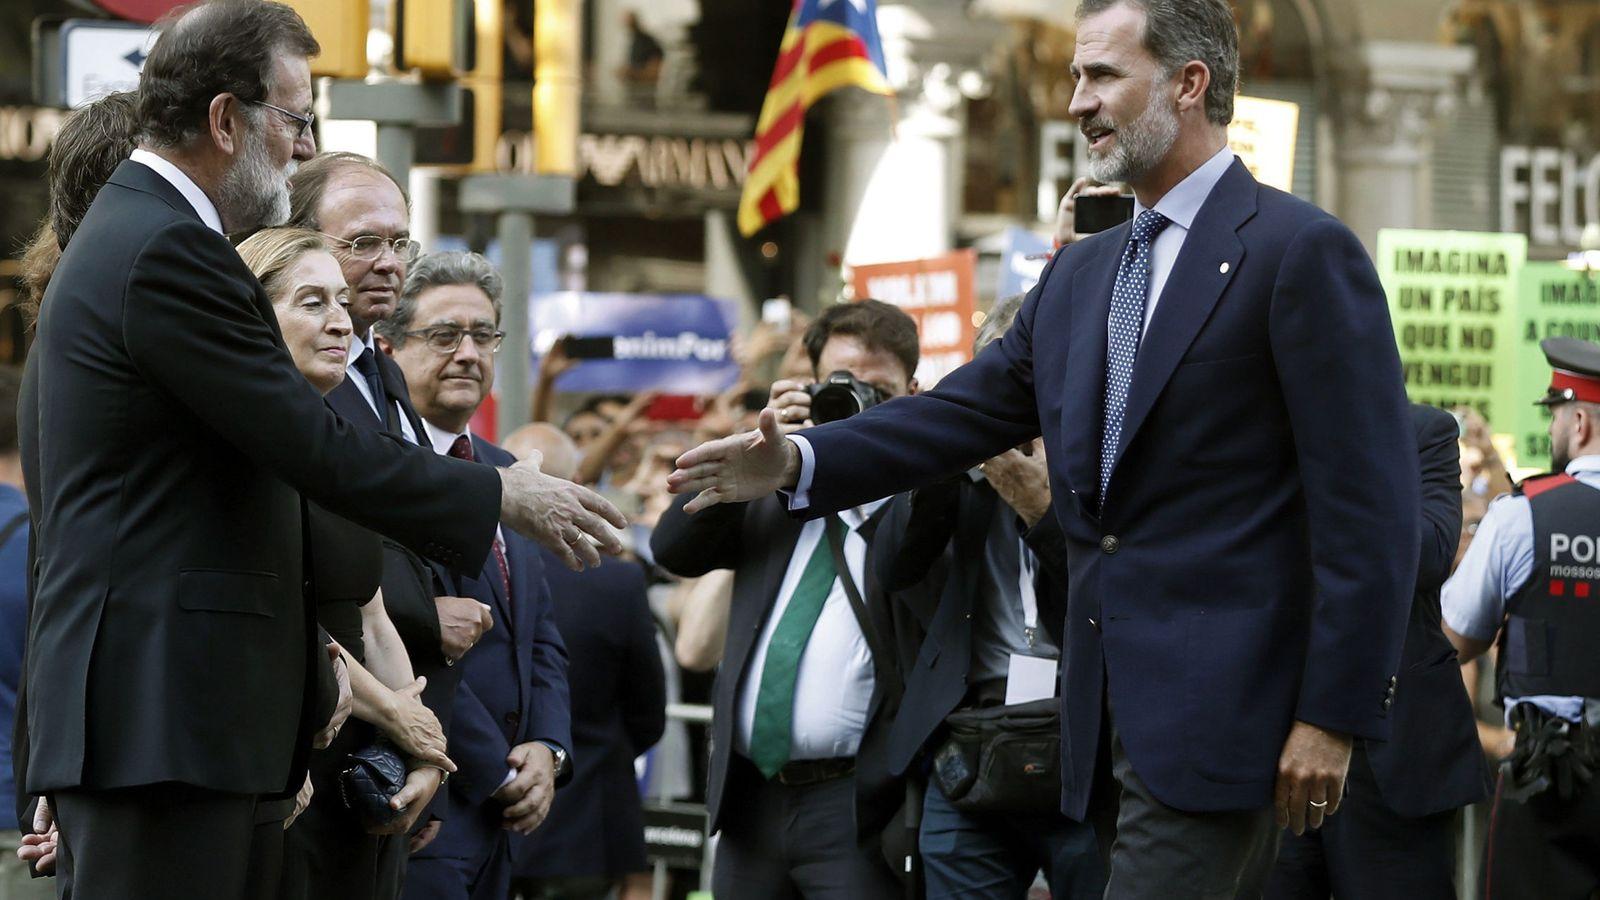 Foto:  El rey Felipe VI (d) saluda al presidente del Gobierno Mariano Rajoy (i) durante la manifestación contra los atentados yihadistas en Cataluña. (EFE)